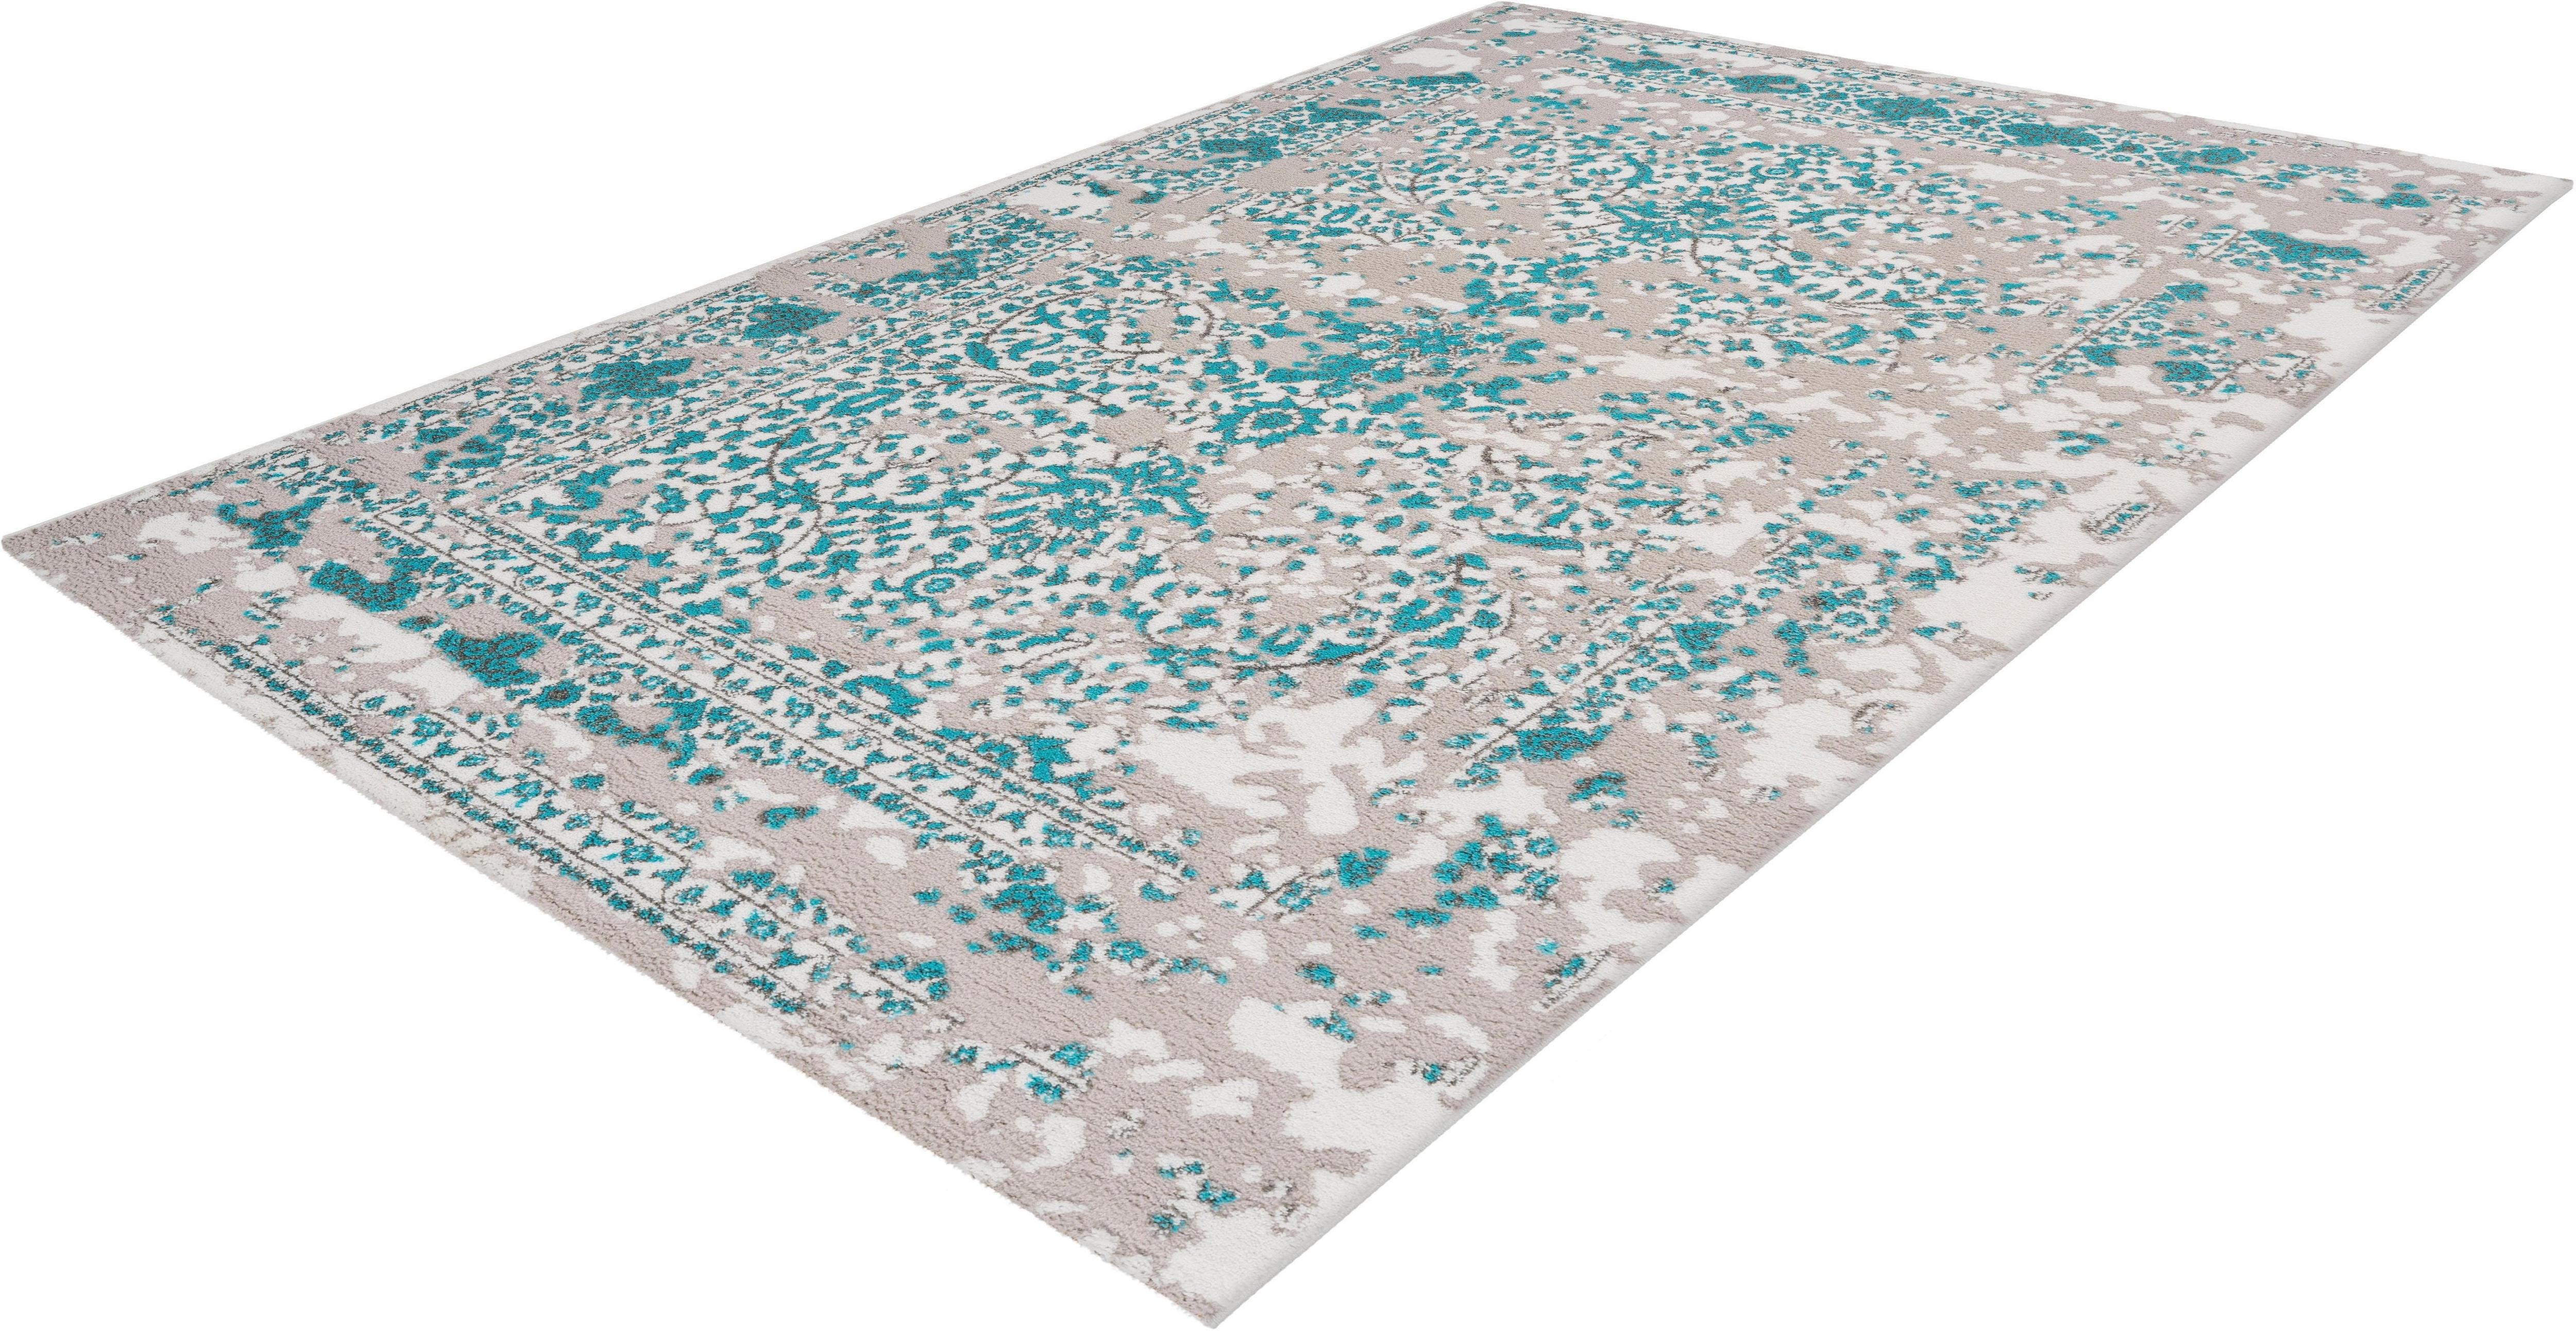 Teppich Polset 353 calo-deluxe rechteckig Höhe 15 mm maschinell gewebt